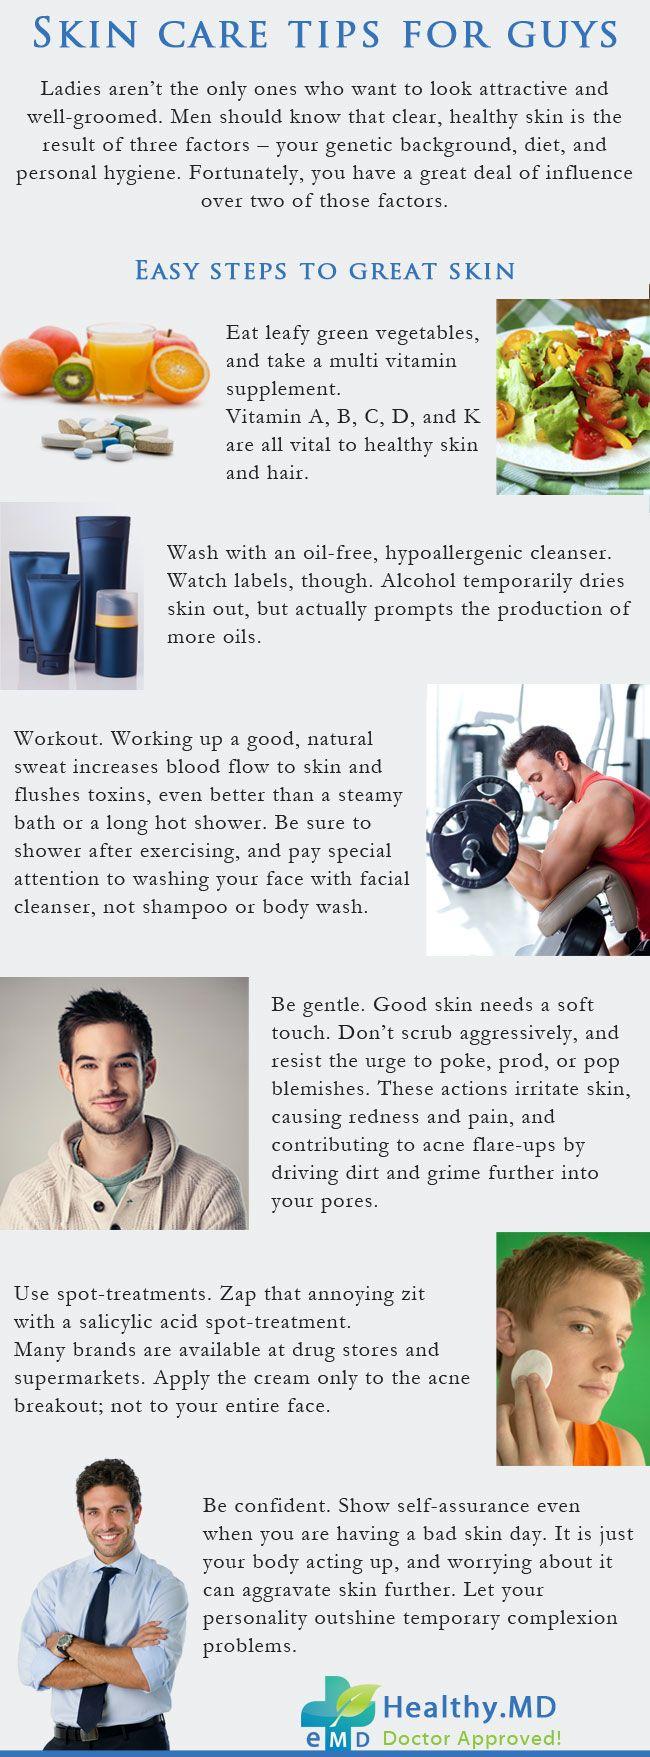 Skin Care Tips For Guys